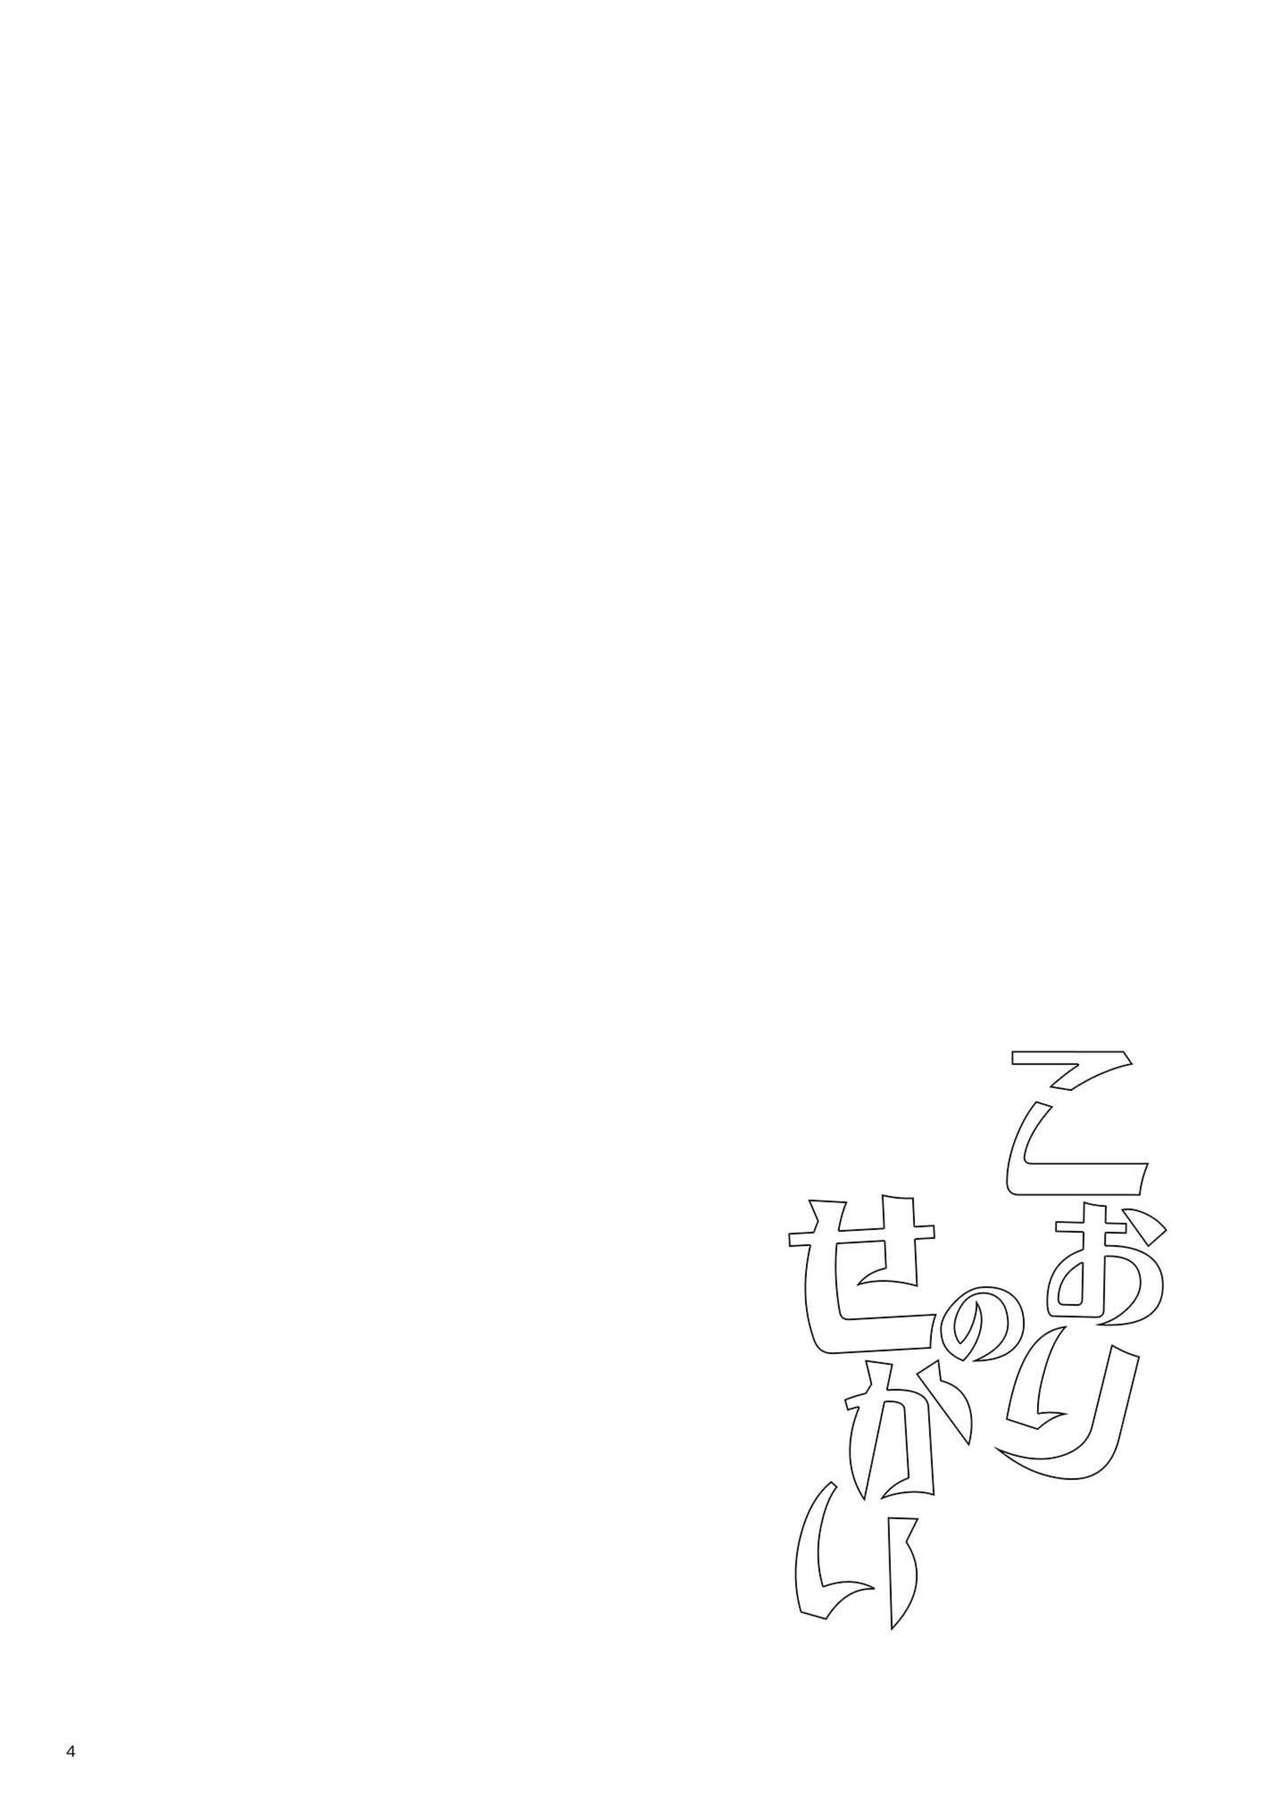 Koori no Sekai 2